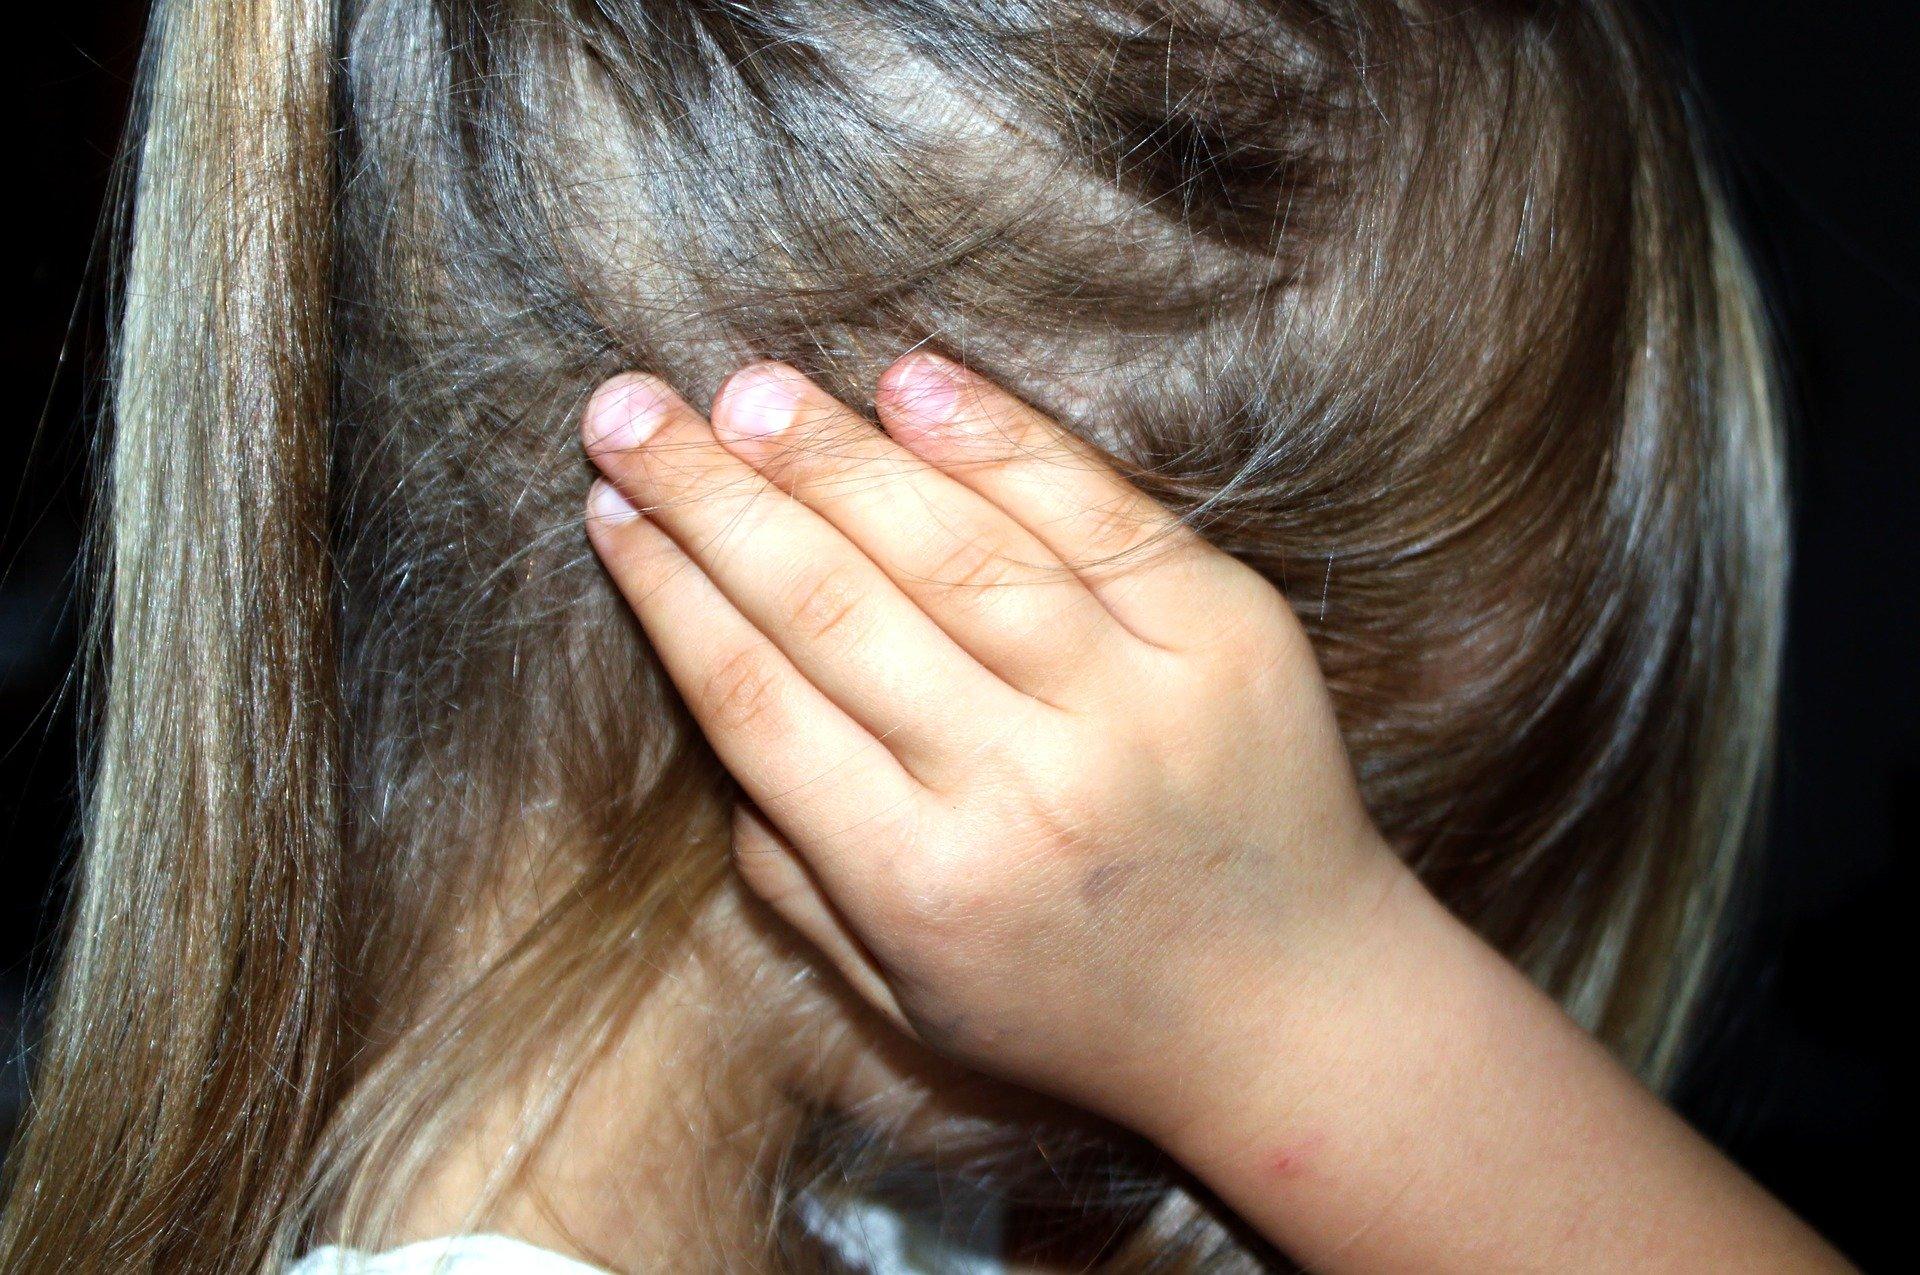 Violência doméstica: a pandemia sem vacina